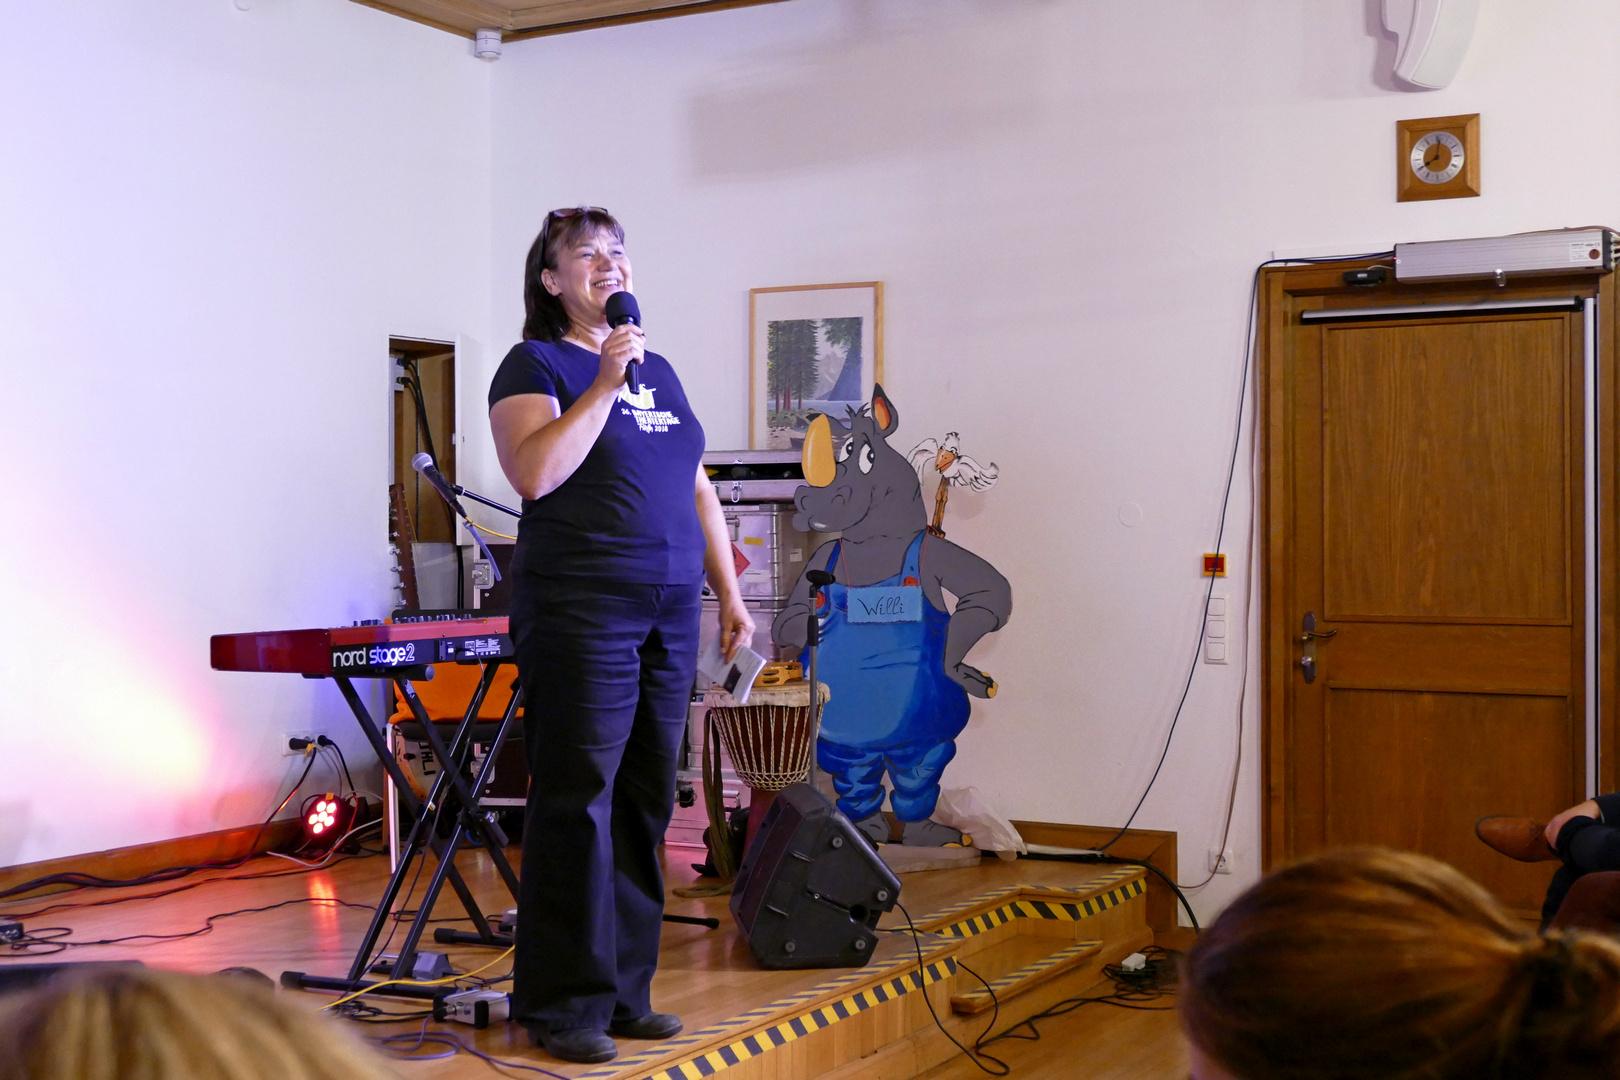 Tag der offenen Tür 2019 Musikalische Kleinkunst Freiwilligen-Zentrum Augsburg - Foto: Christoph Urban